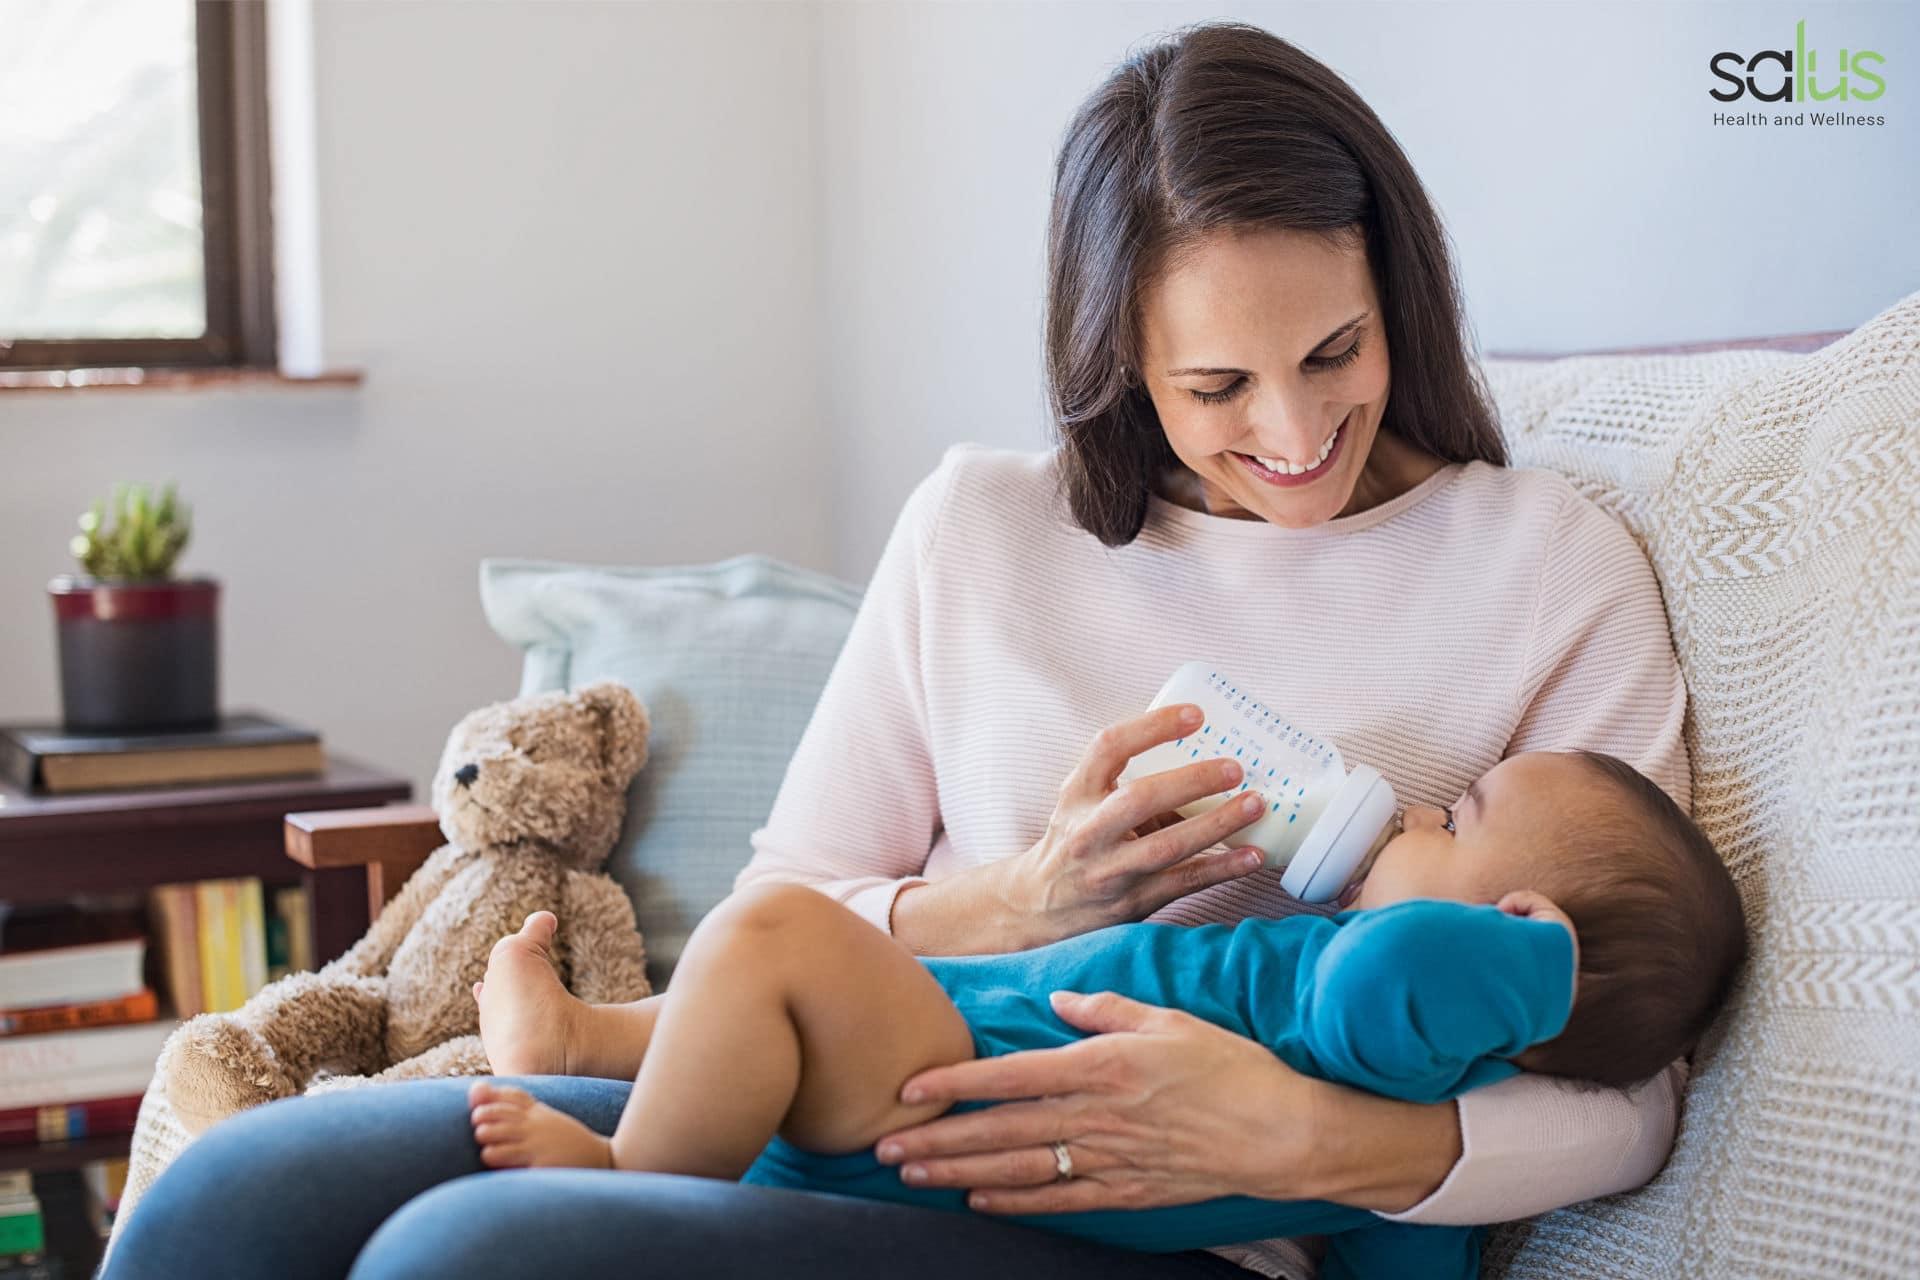 Salus-Blog-allattare-con-biberon-8-consigli